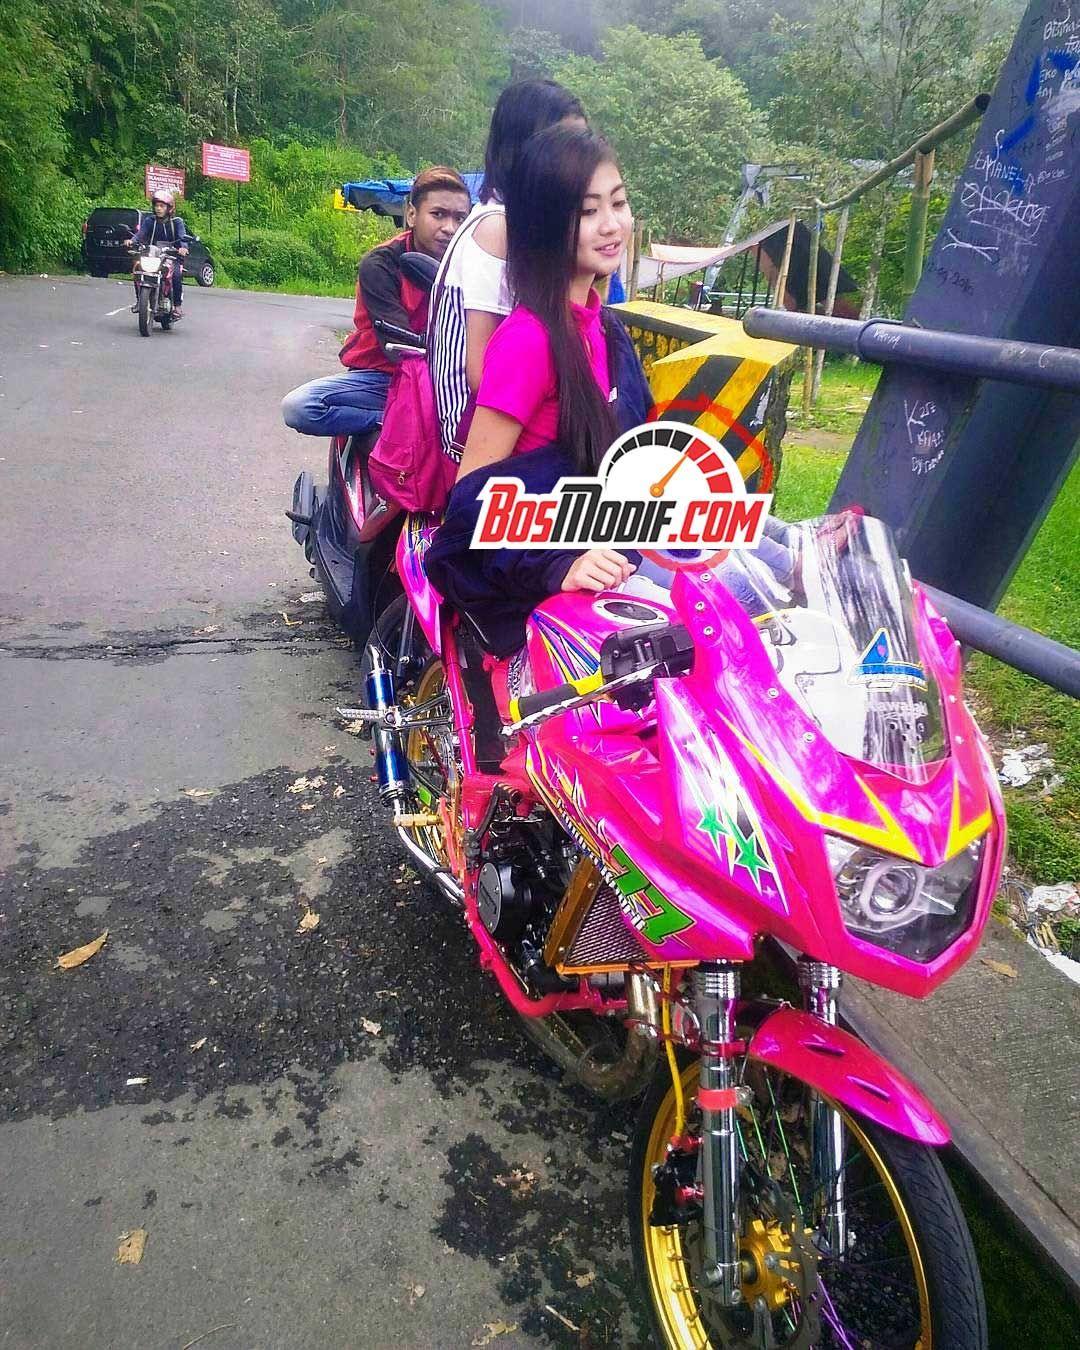 Modifikasi Motor Kawasaki Ninja Dan Cewek Warna Pink Keren